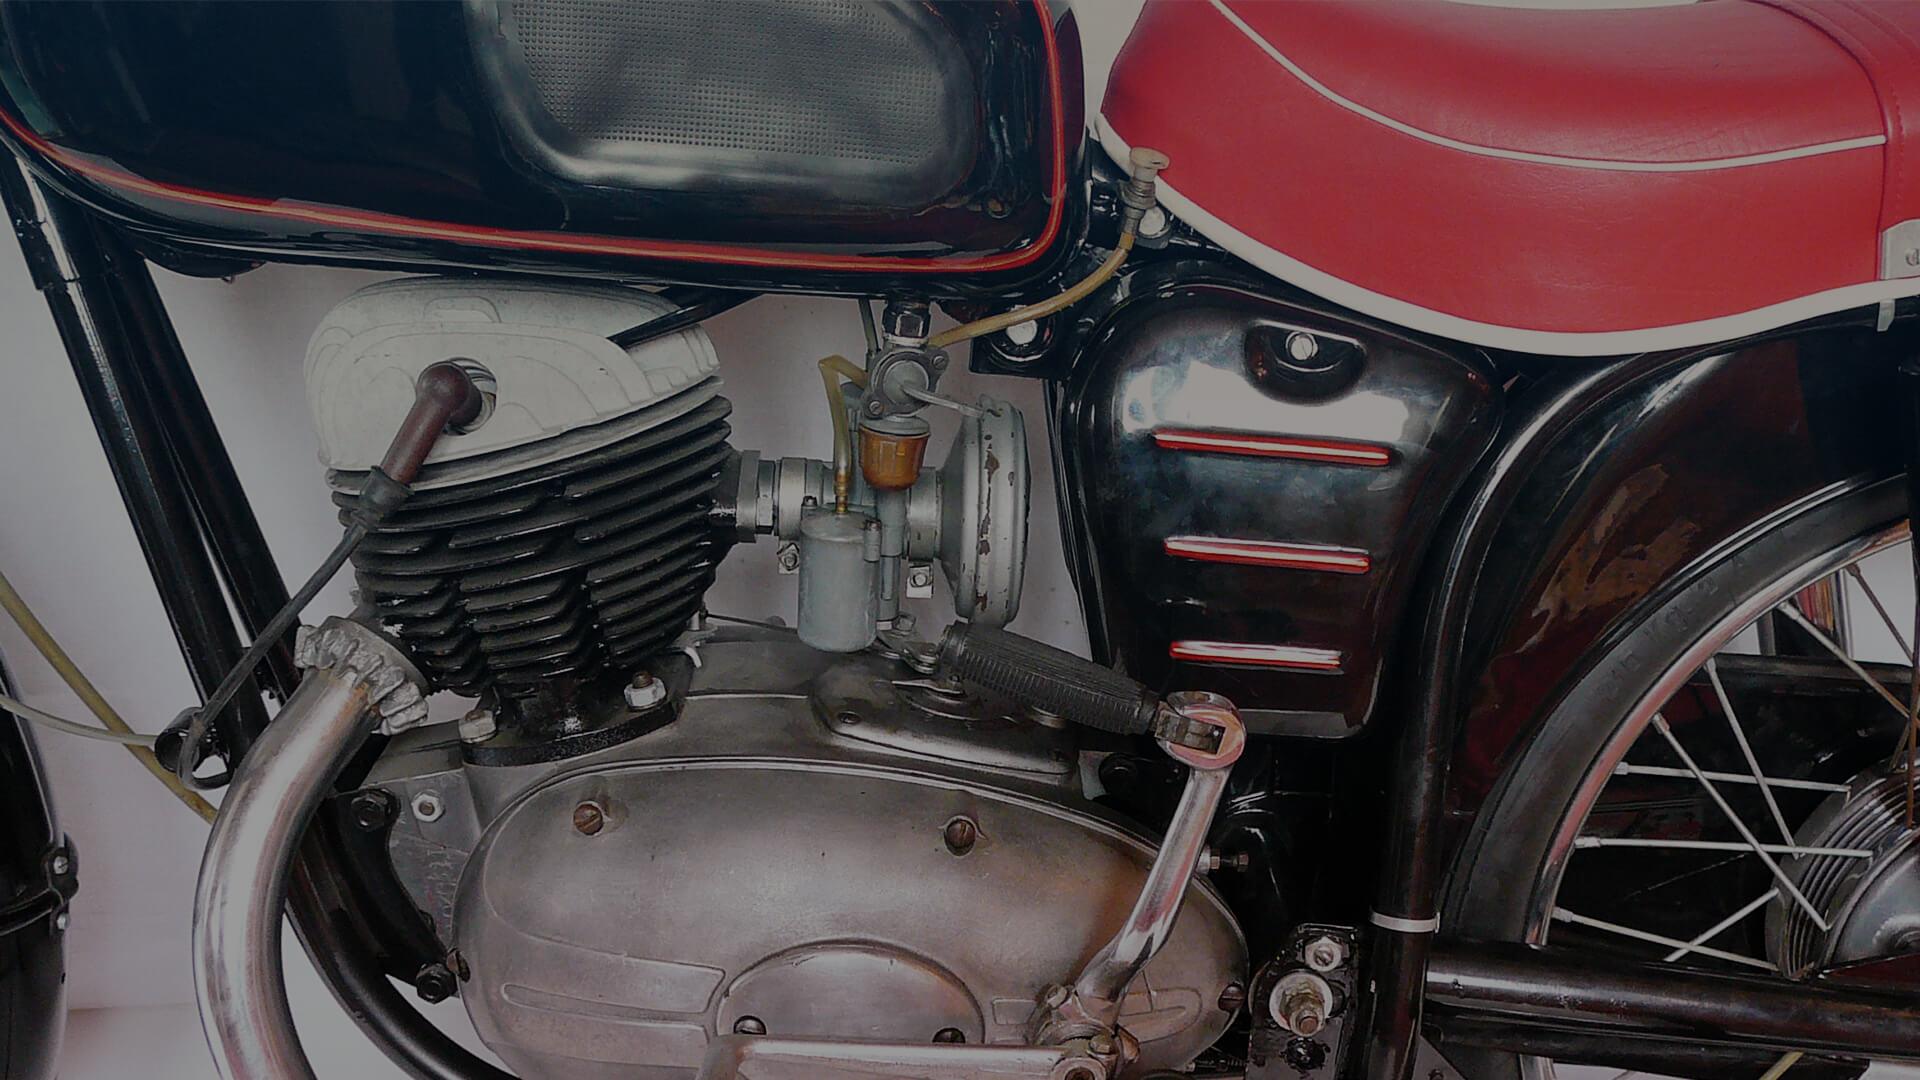 PANNONIA T5, 247 cm³, 1968